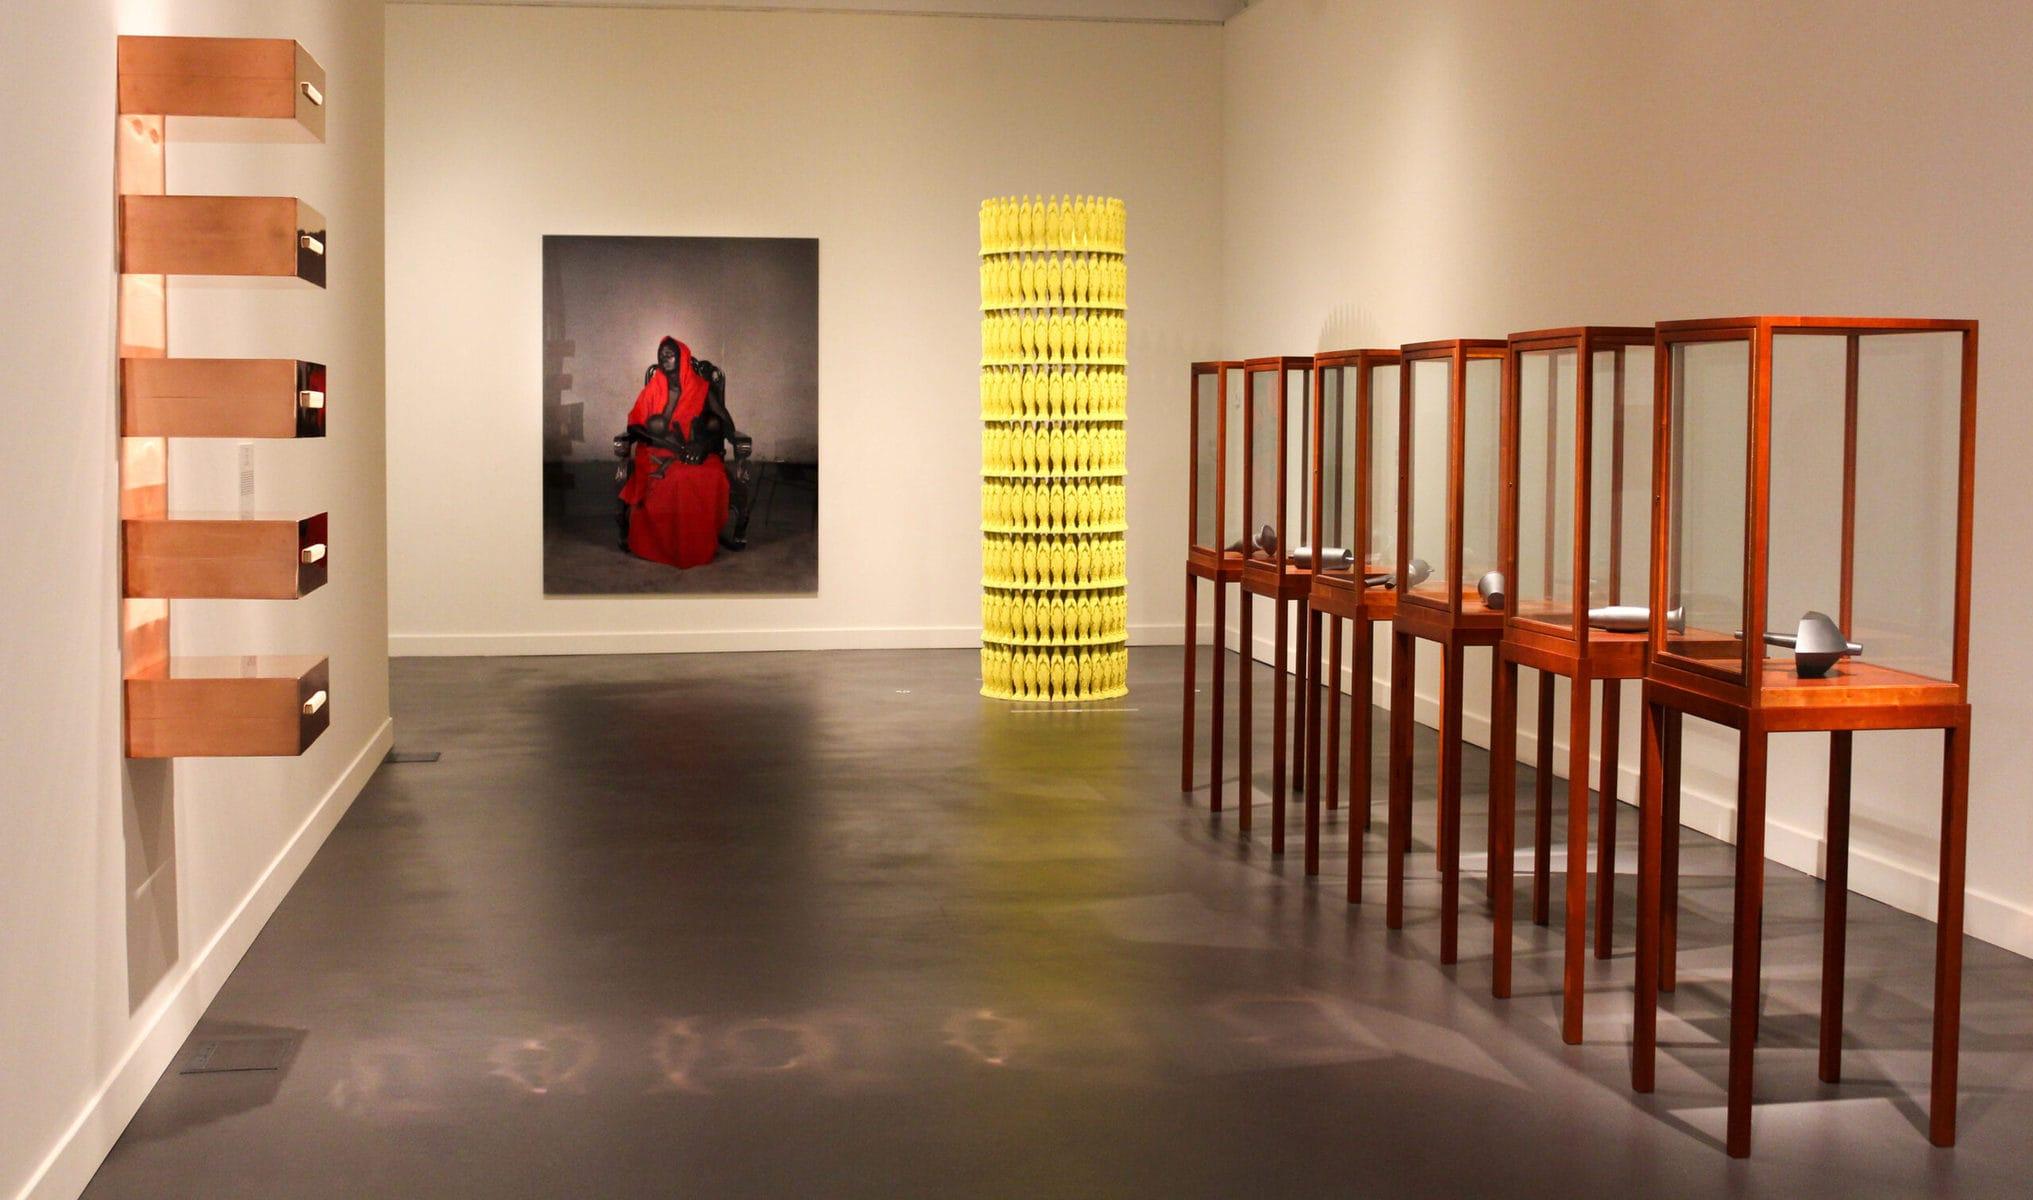 Ausstellung: Ikonoklastische Gesten, andersgläubige Bilder, Caixa Forum, Barcelona